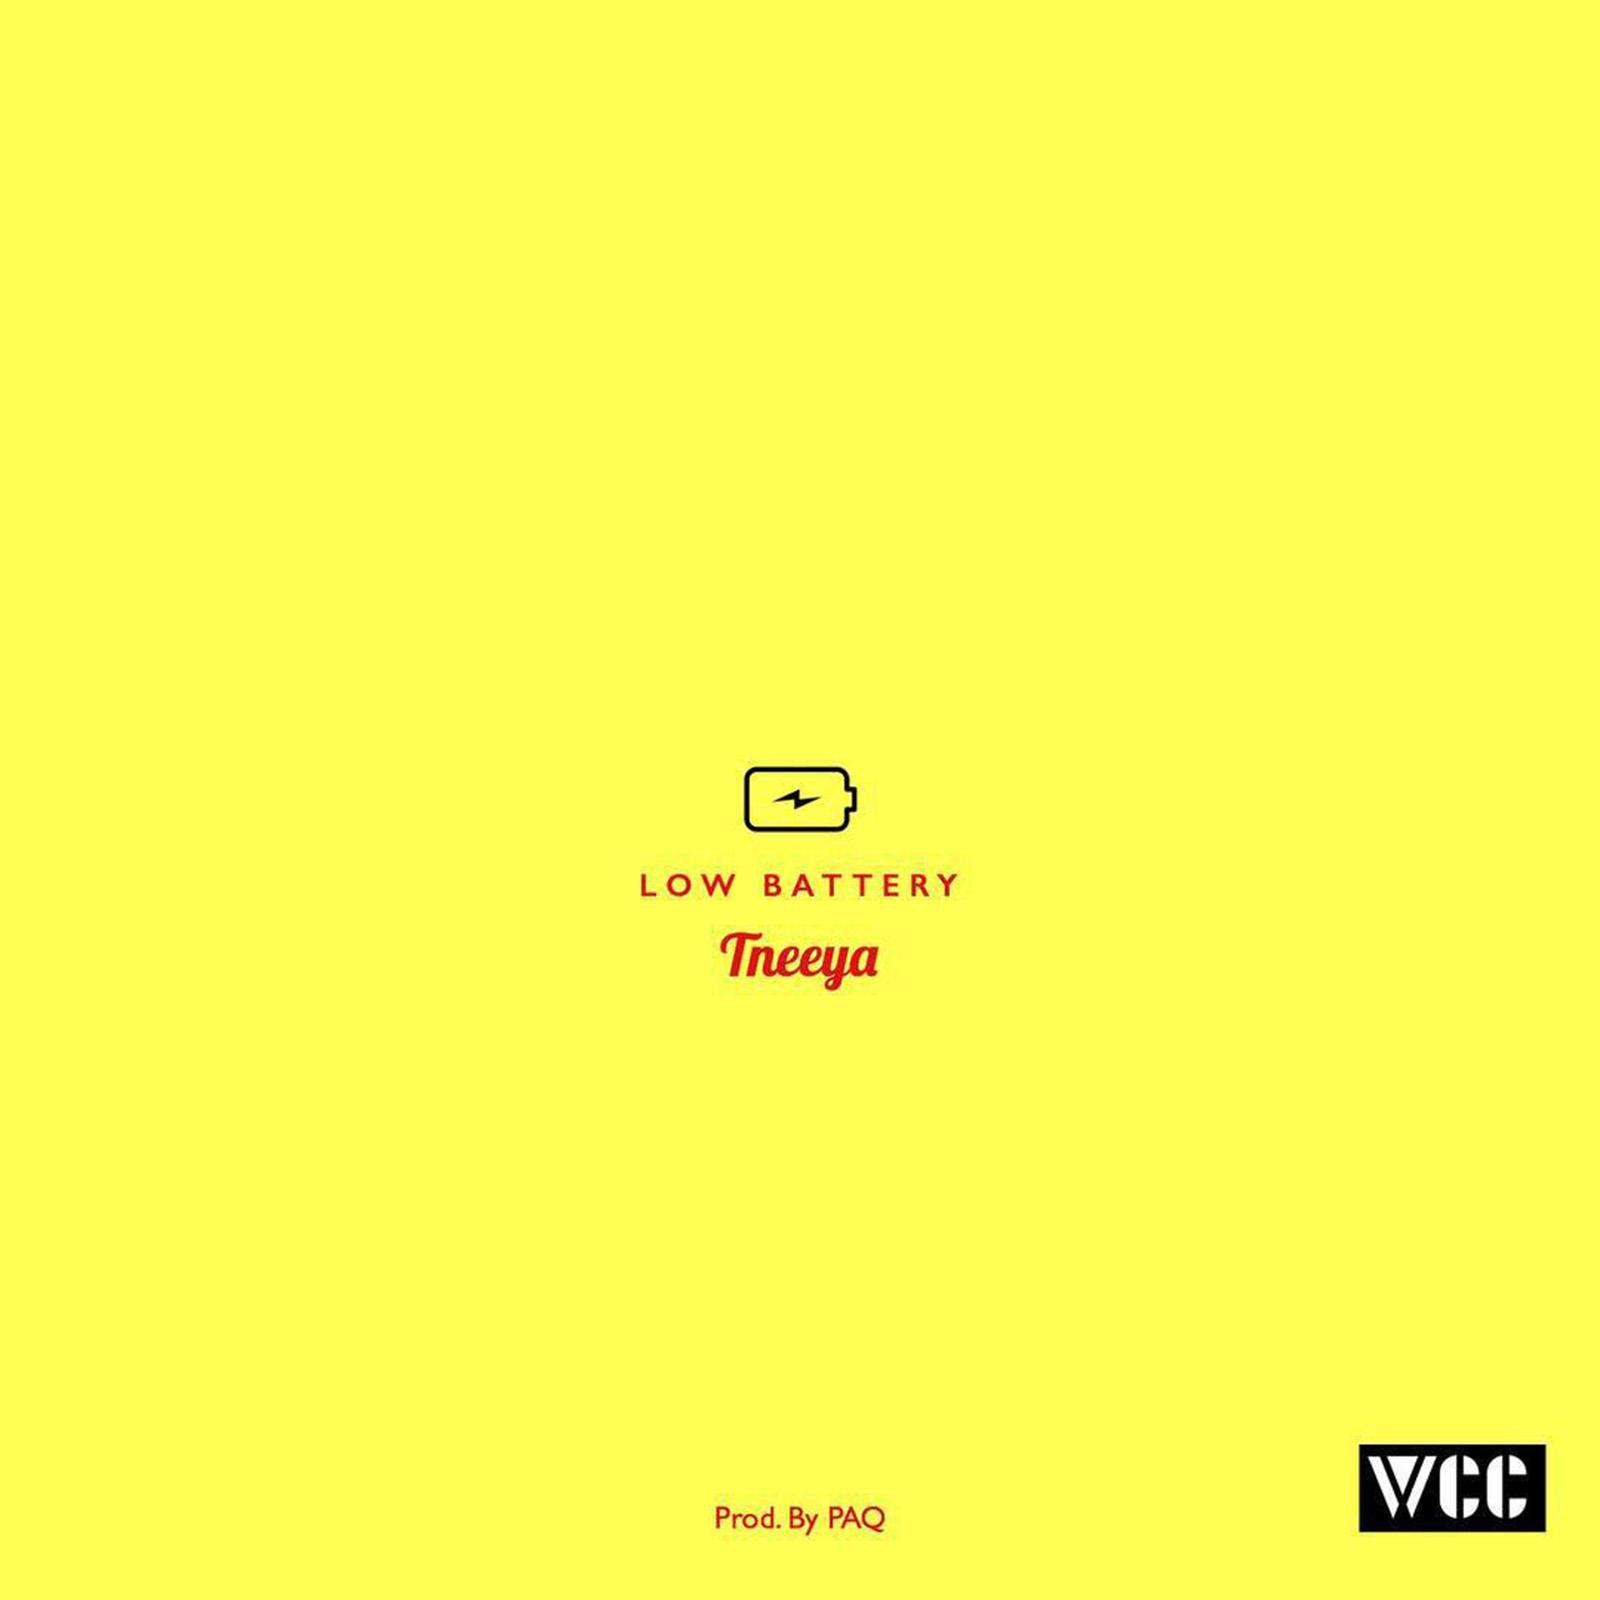 Low Battery by T'neeya